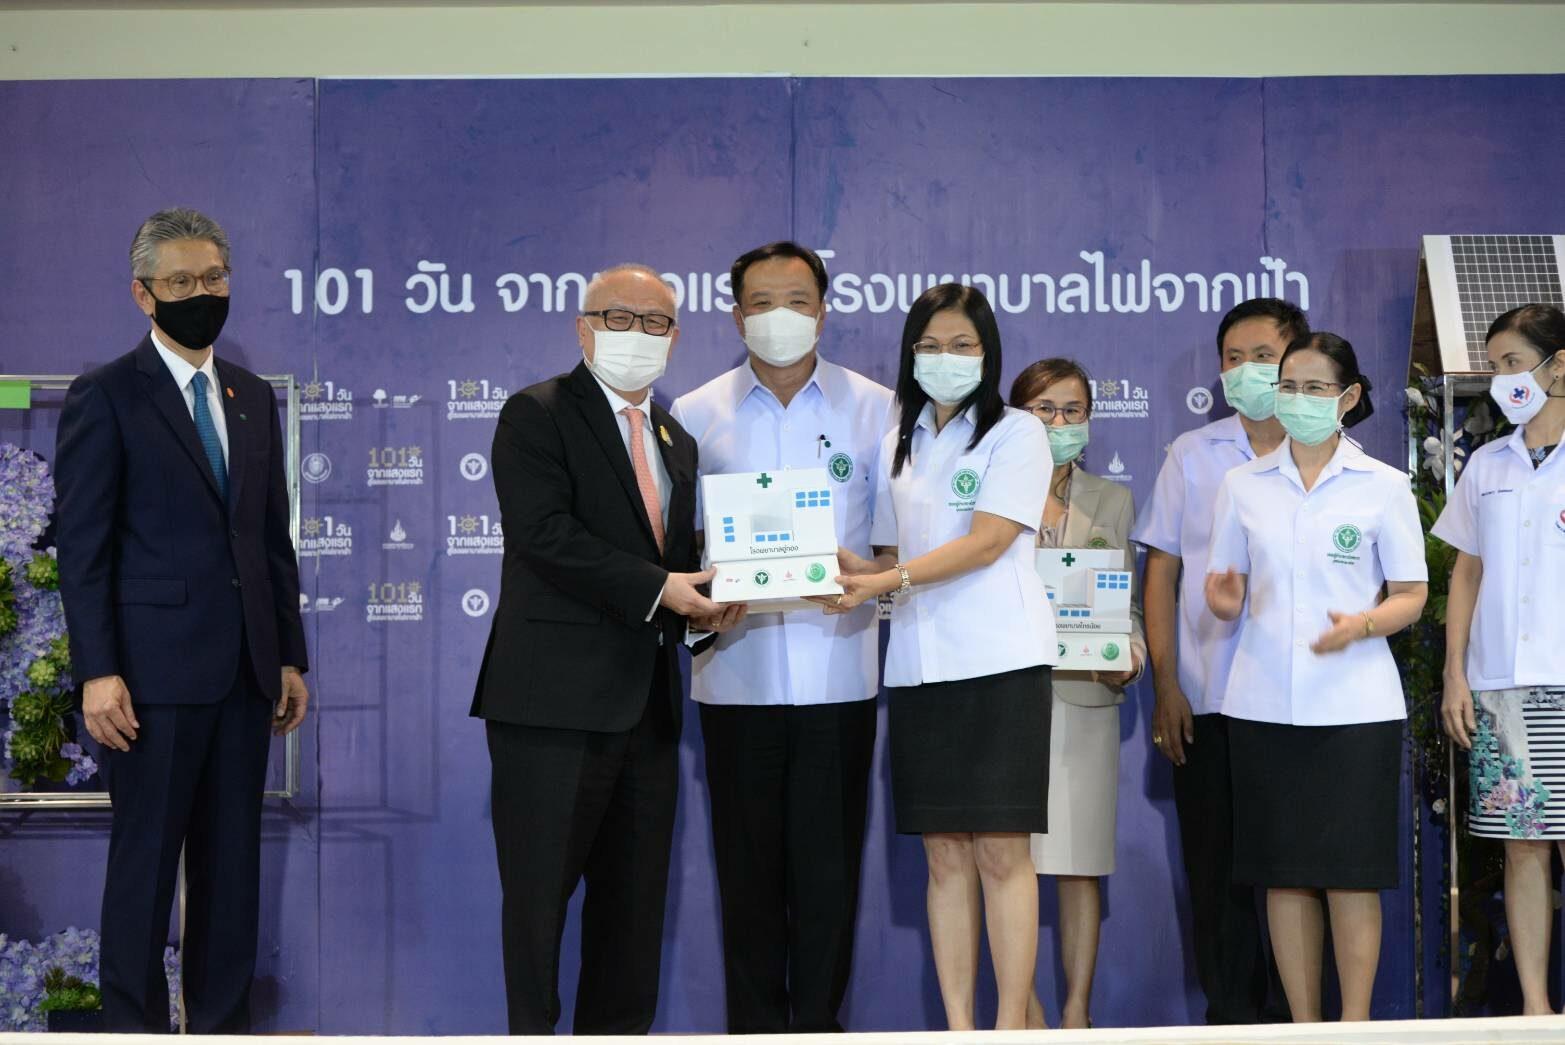 นำร่อง 8 โรงพยาบาลไฟจากฟ้า ตั้งเป้า 77 โรงพยาบาลชุมชน 77 จังหวัดทั่วประเทศ